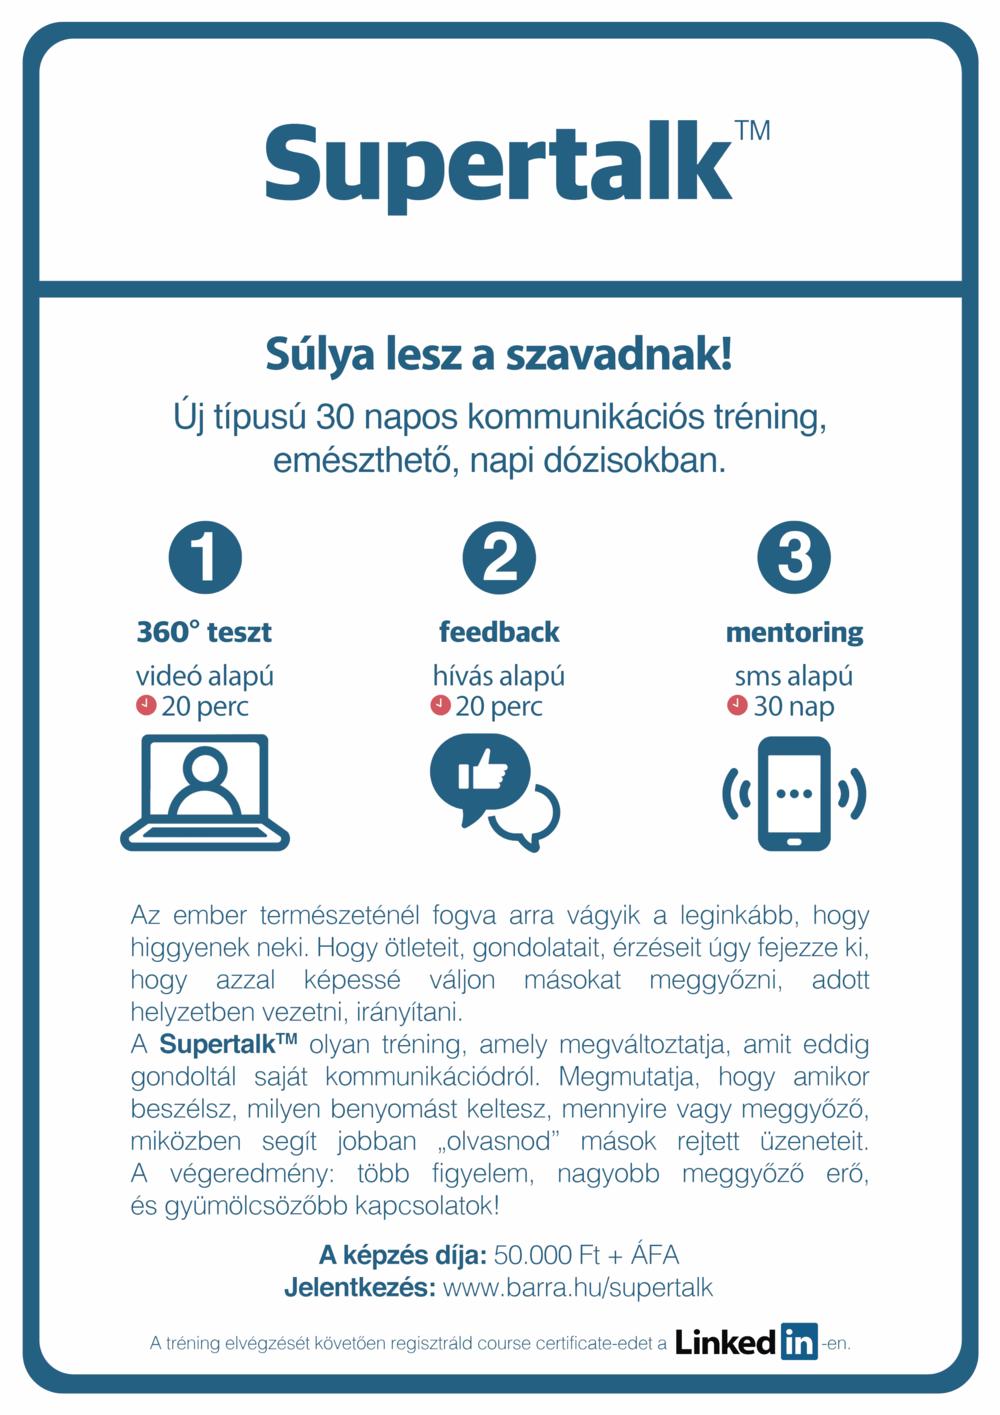 Supertalk_Flyer-1.png